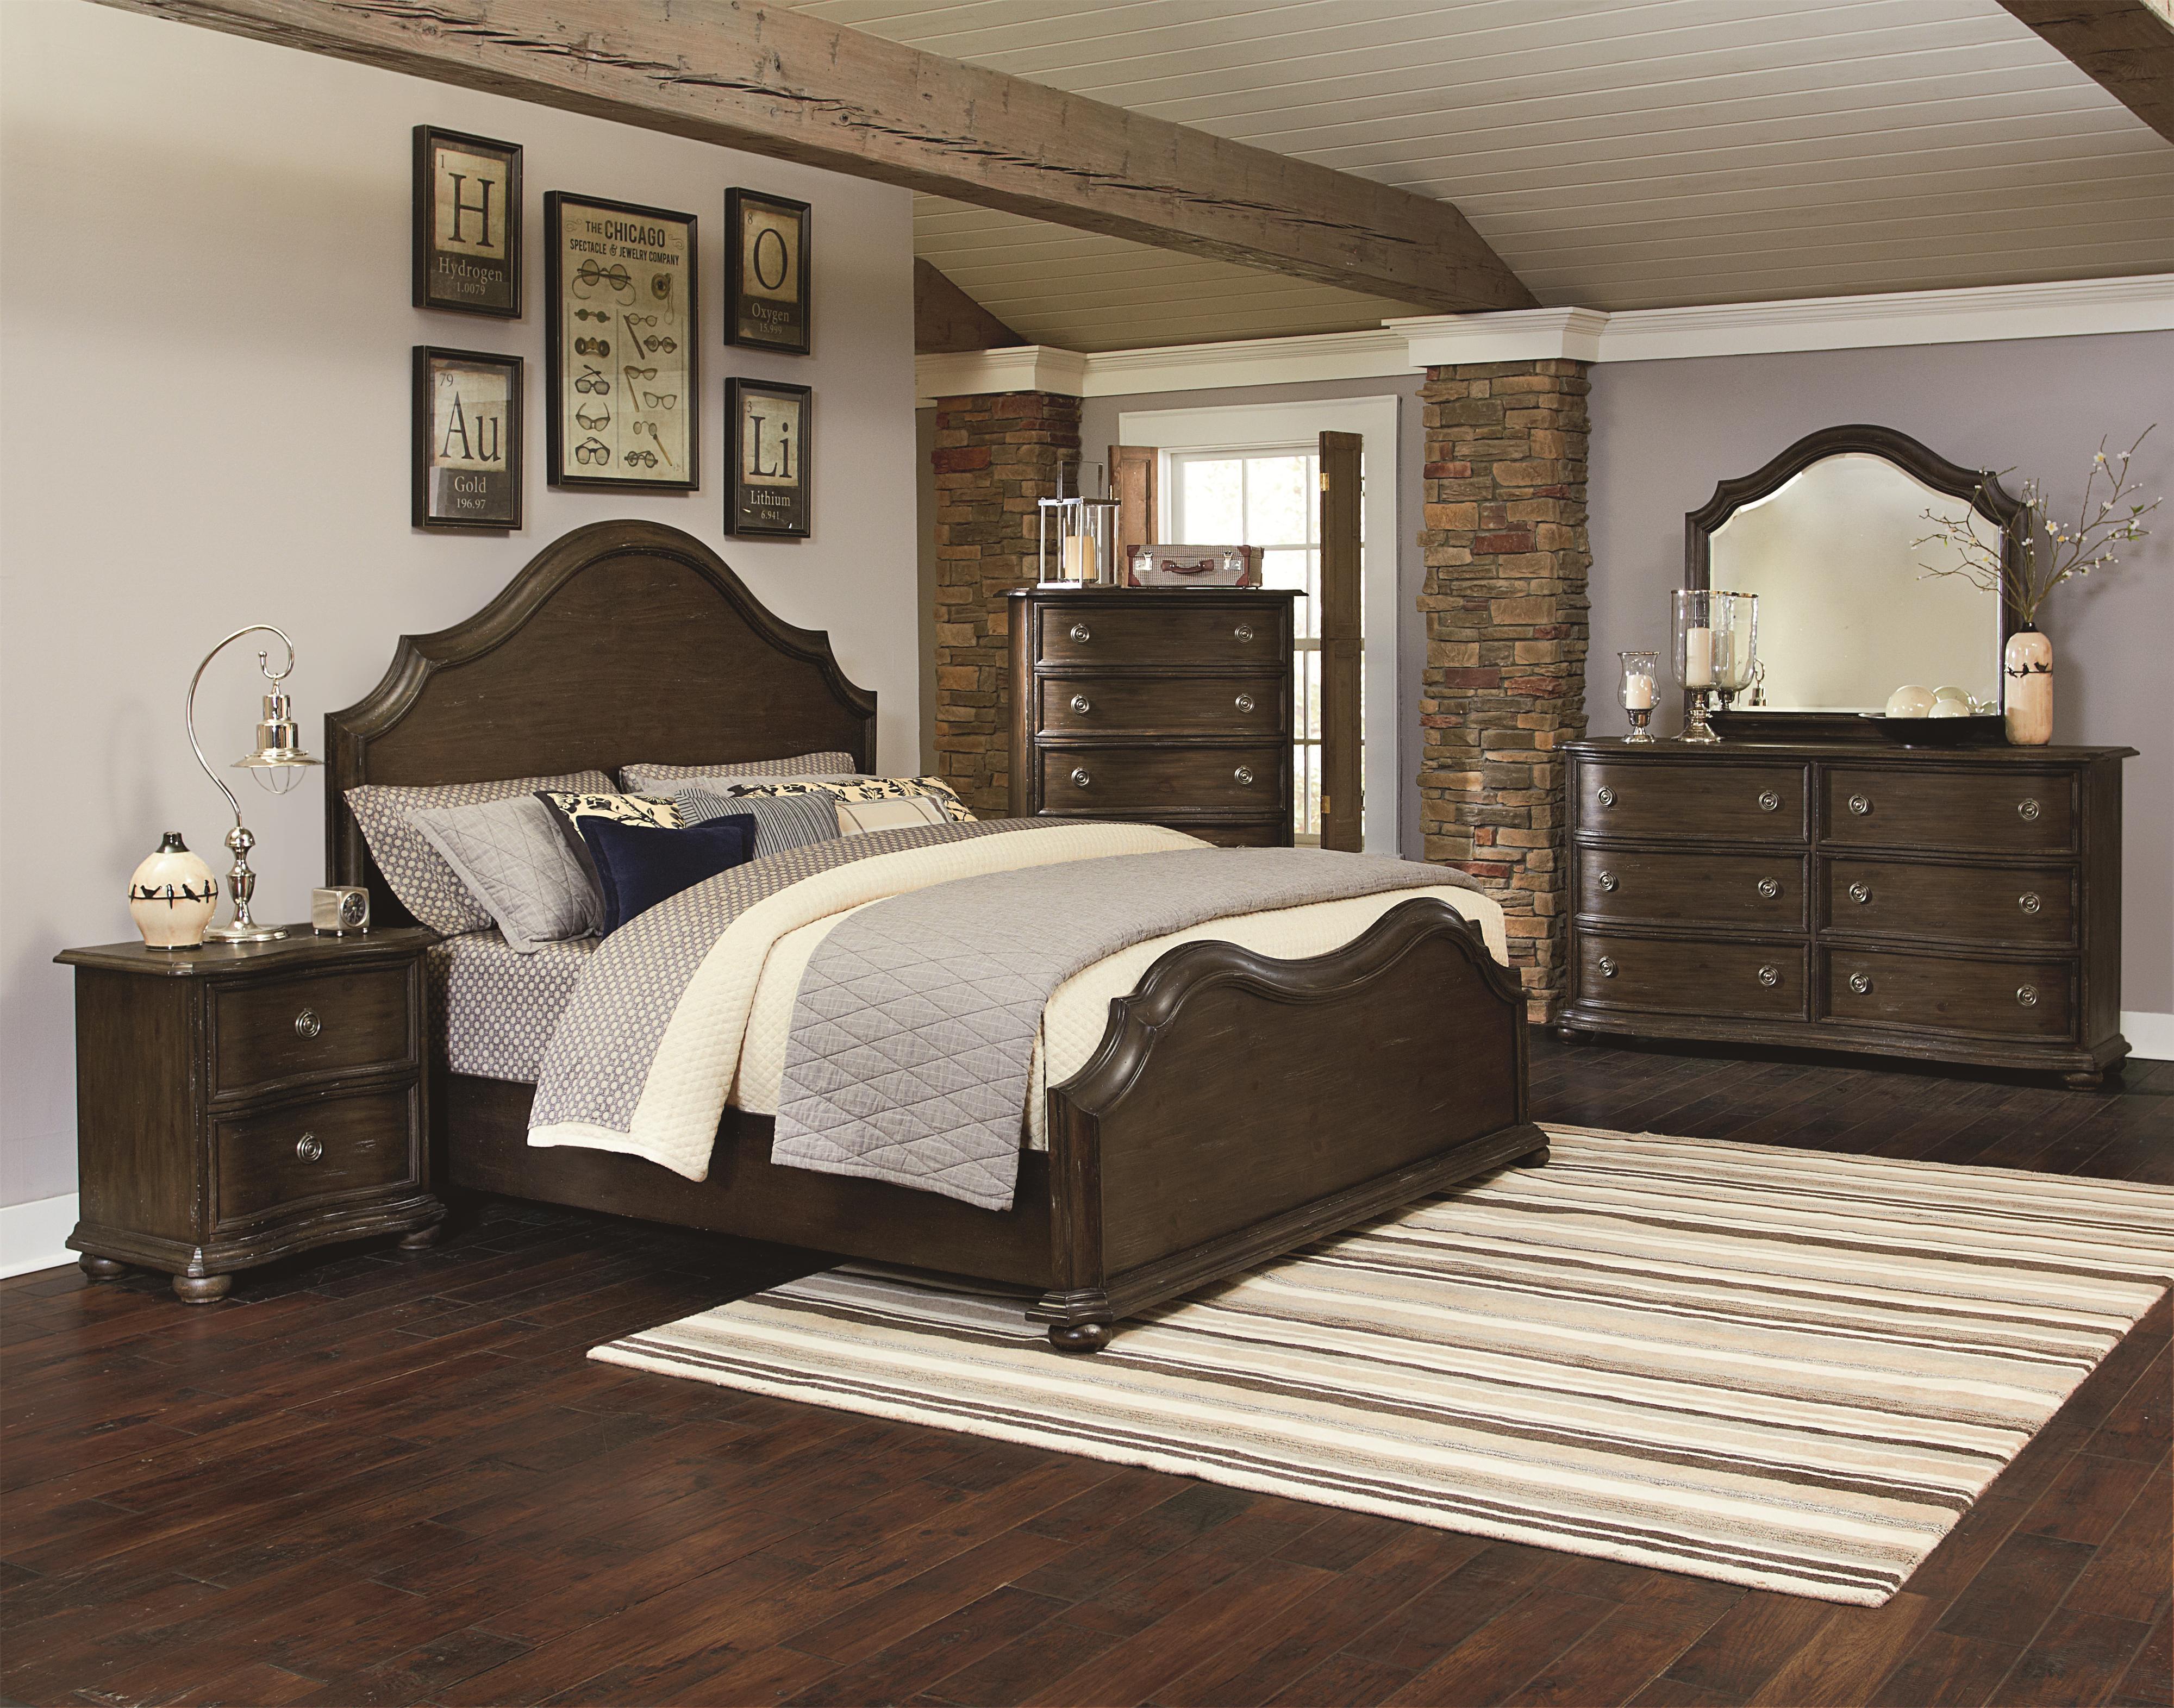 Magnussen Home Muirfield Bedroom Queen Bedroom Group - Item Number: B2258 Q Bedroom Group 1